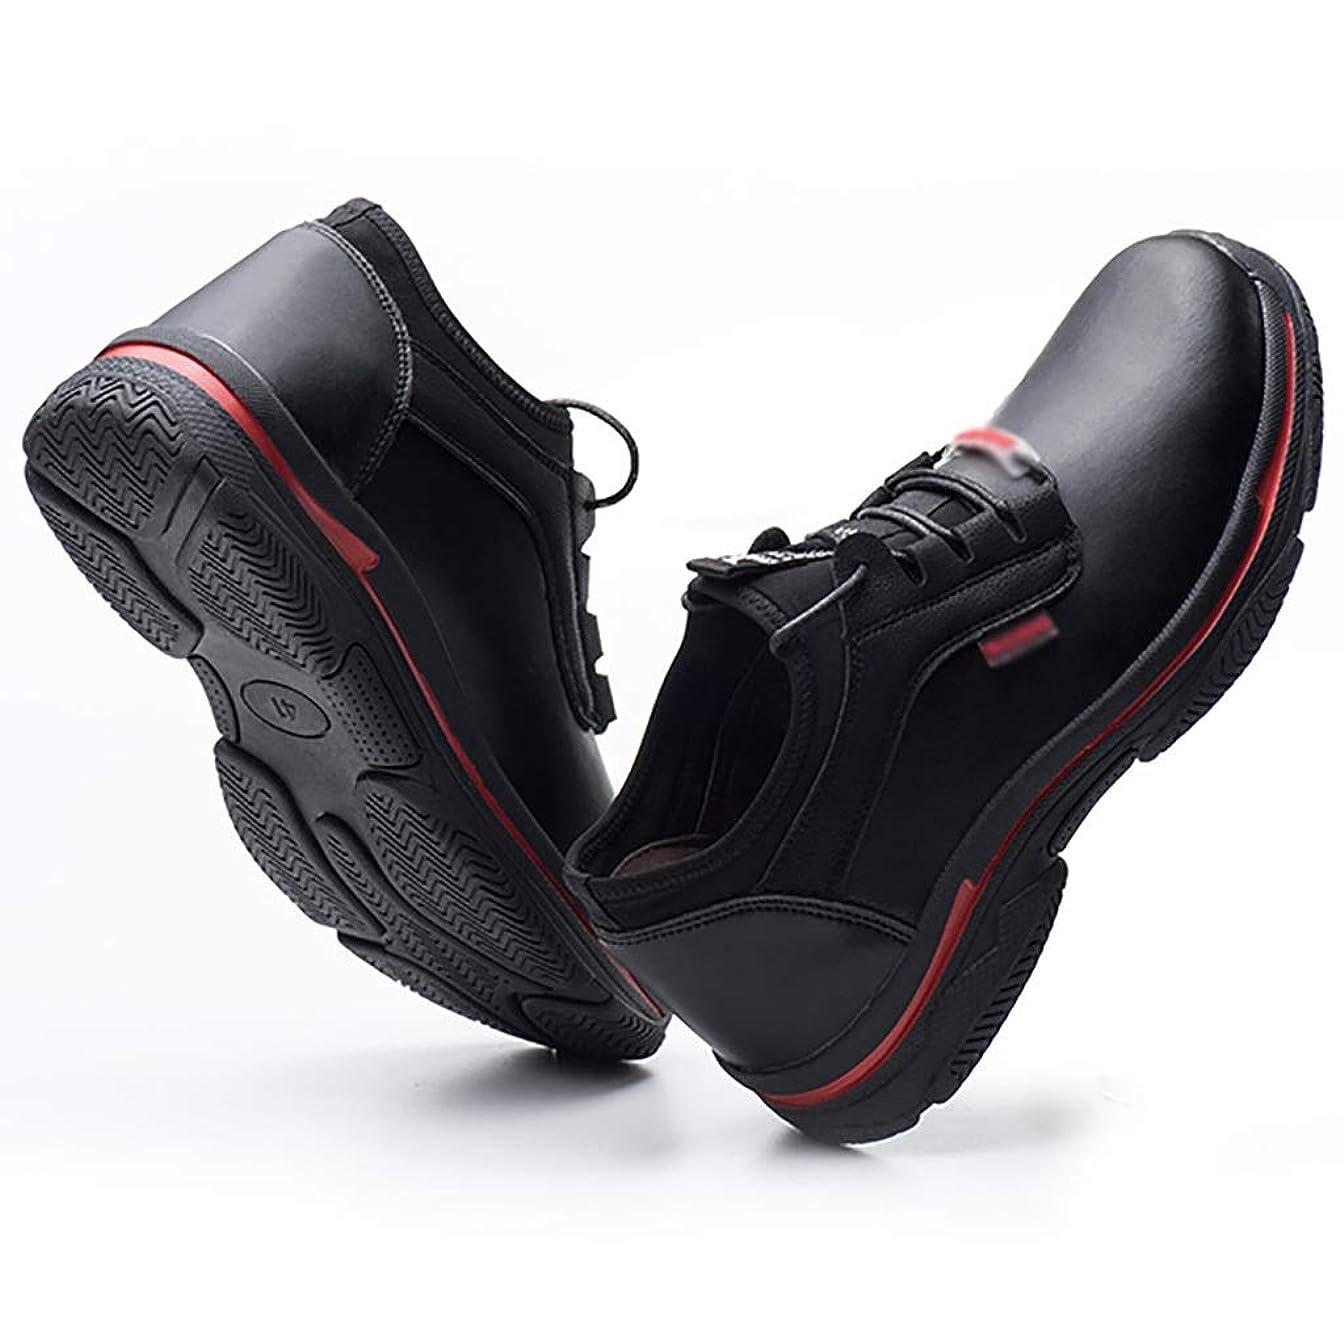 自我三番ライトニング安全靴?作業靴 ウォーキングシューズ完全防水アウトドアハイキング/トレッキングクライミングシューズアプローチシューズ軽量通気性トレイルランニングトレーナー (色 : 黒, サイズ さいず : 40)